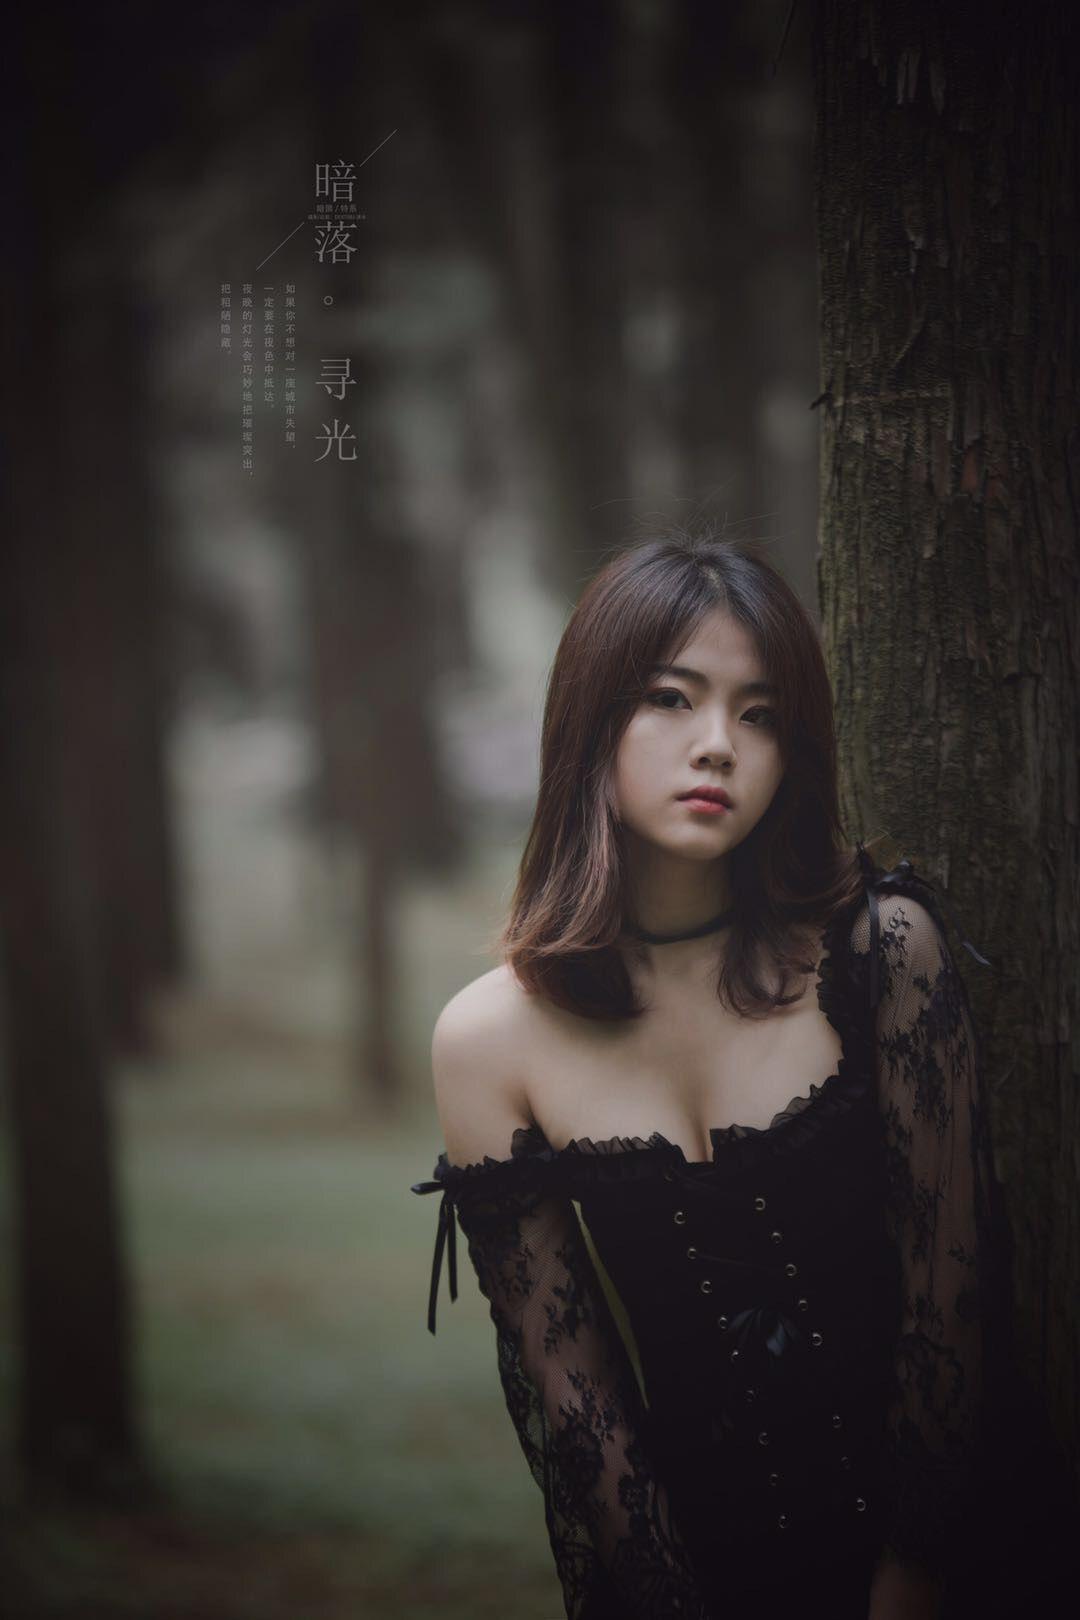 2019-06-01 共青森林公园 森系暗黑风格_摄影师DEXTRBJ-清水的返片